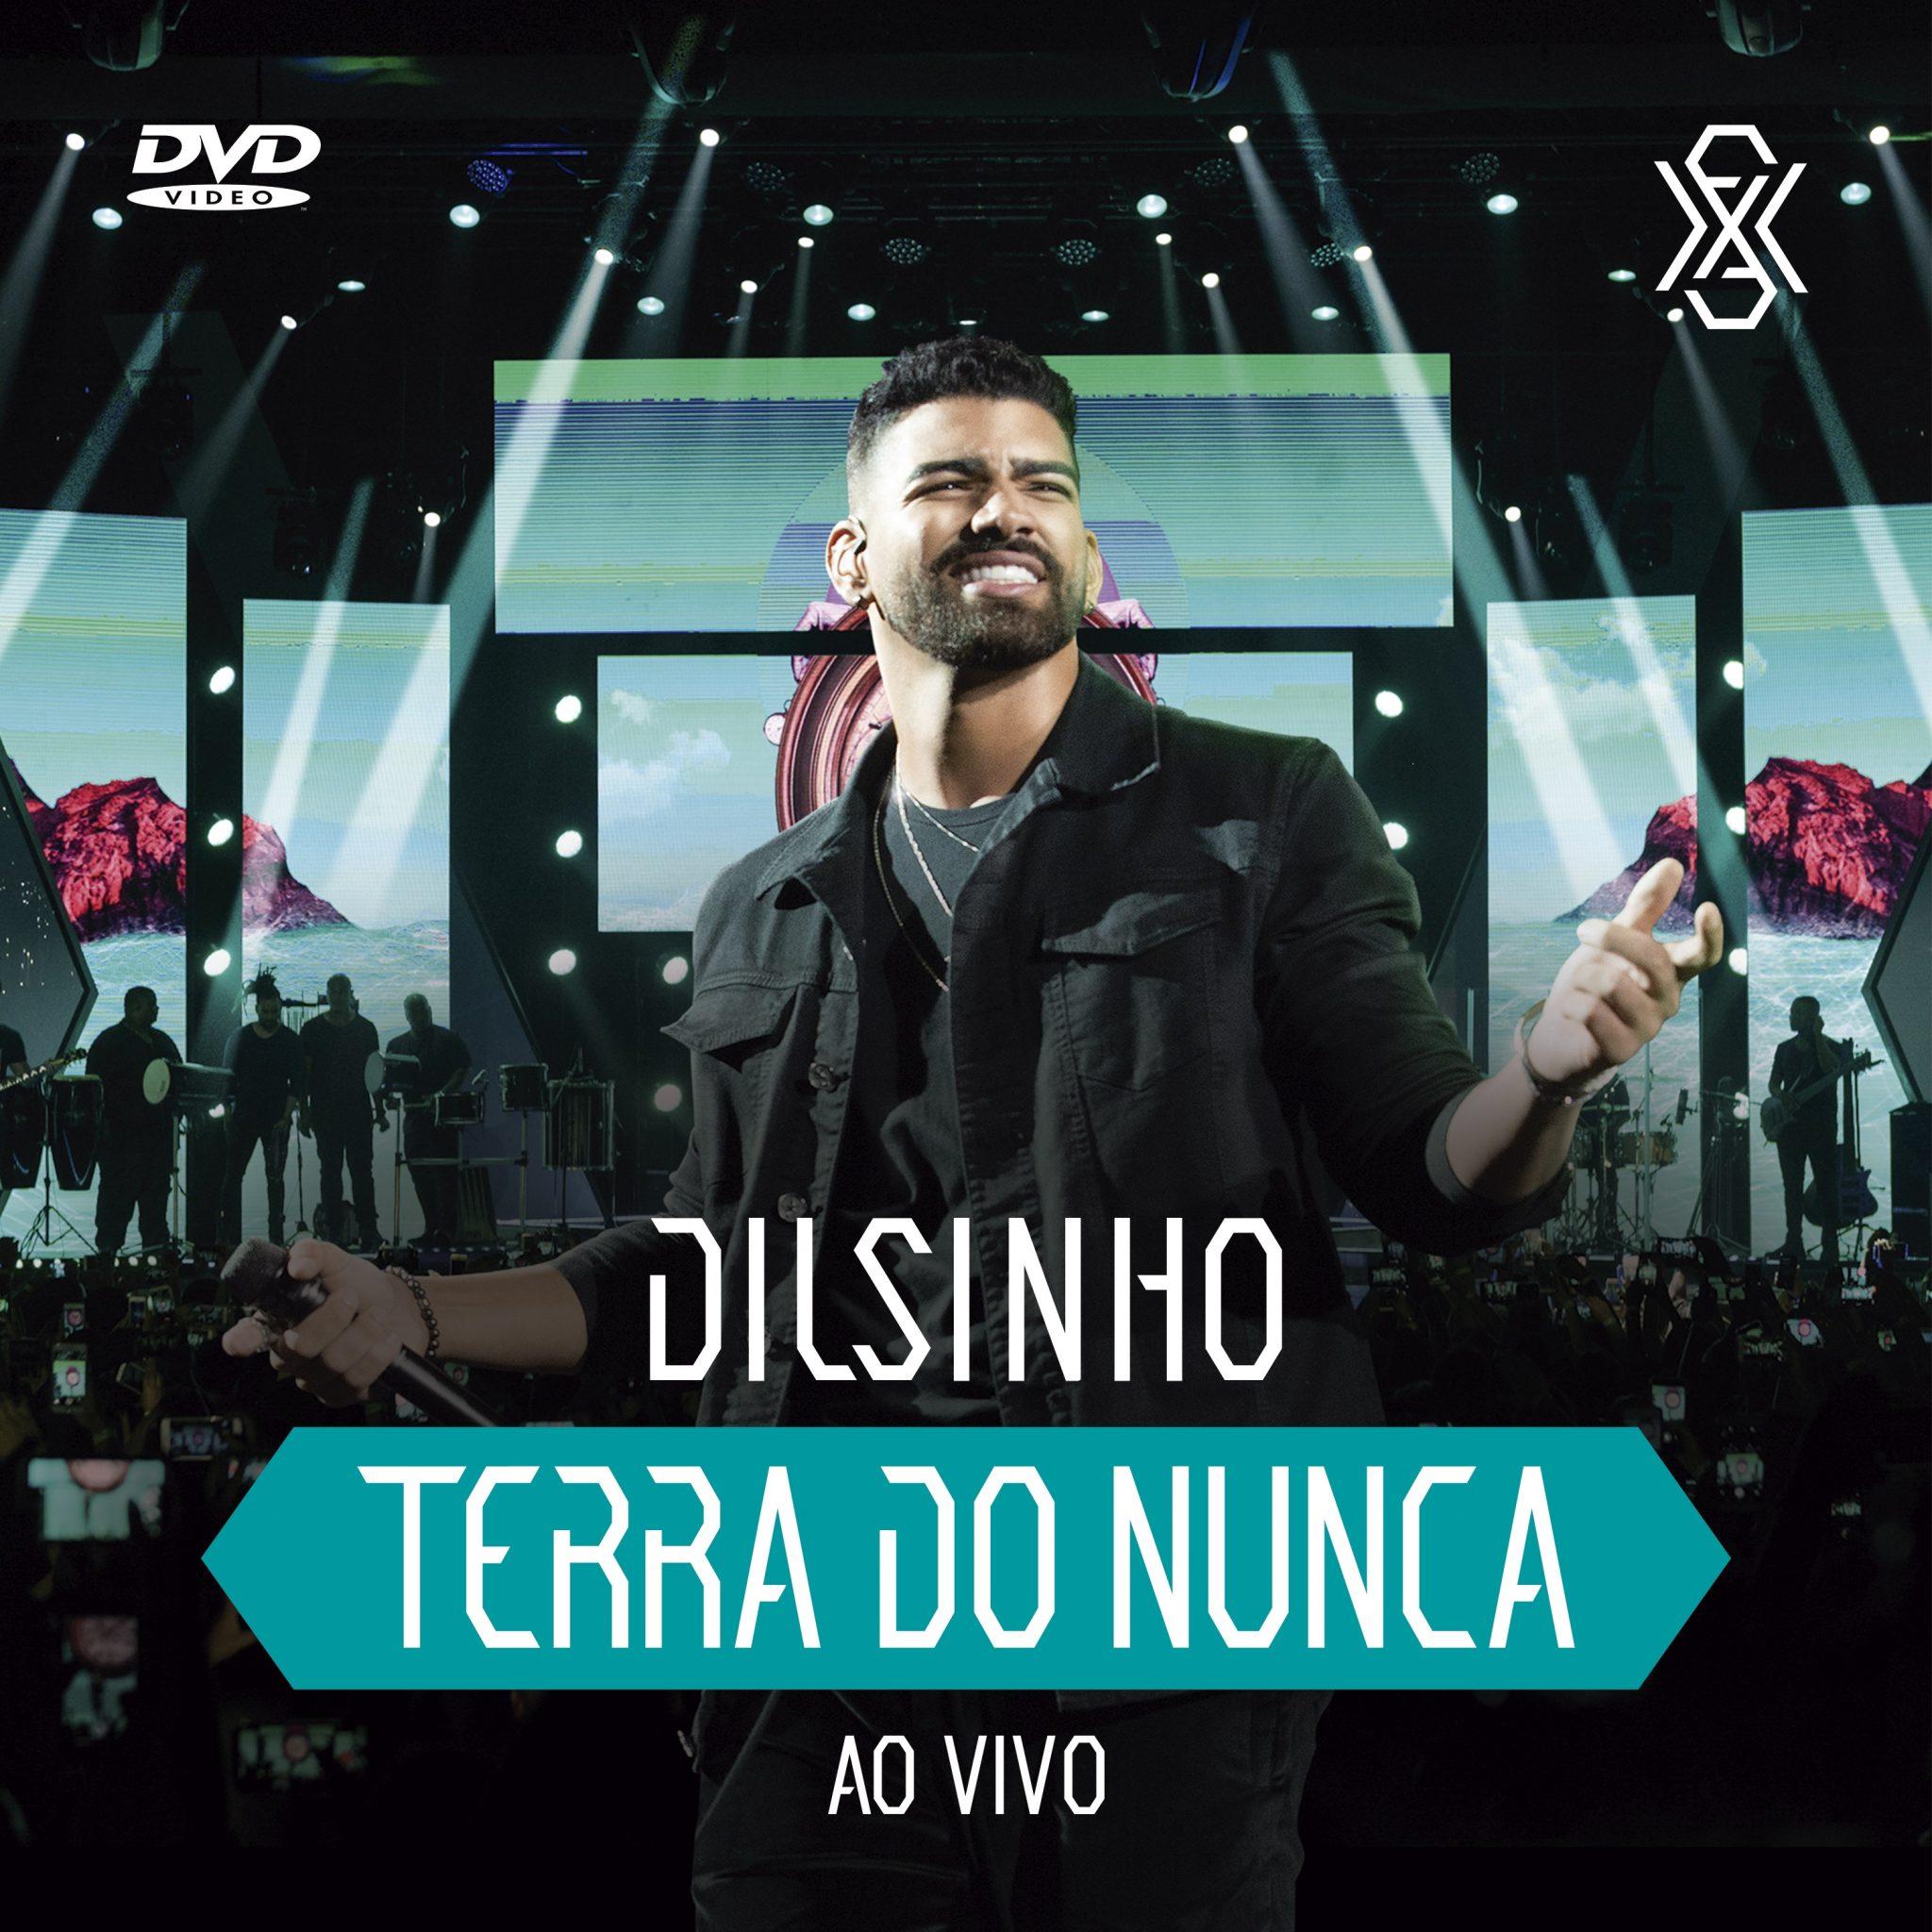 Dilsinho TERRA DO NUNCA dvd